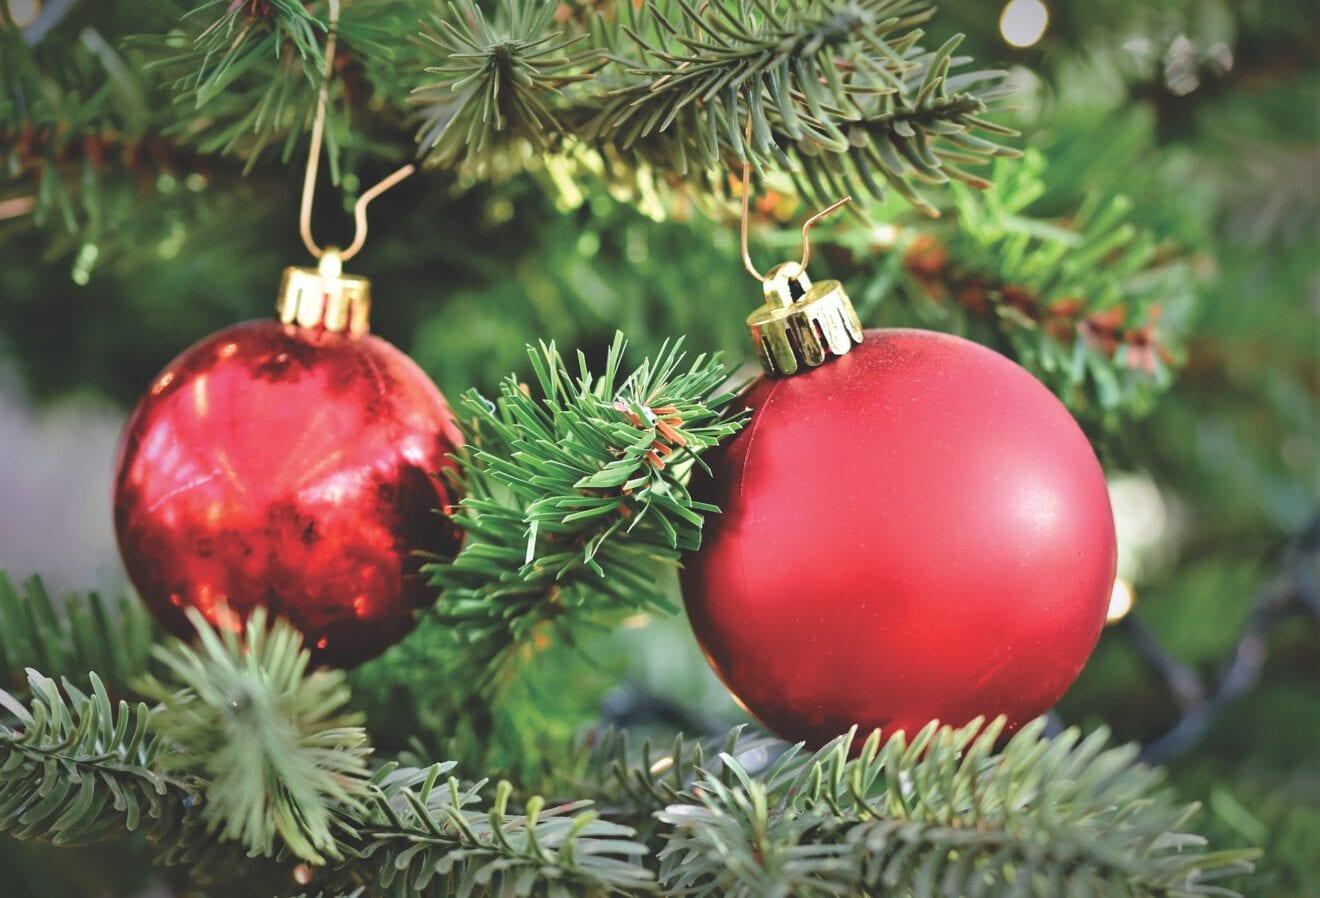 Hjemmet invaderes af insekter i julen